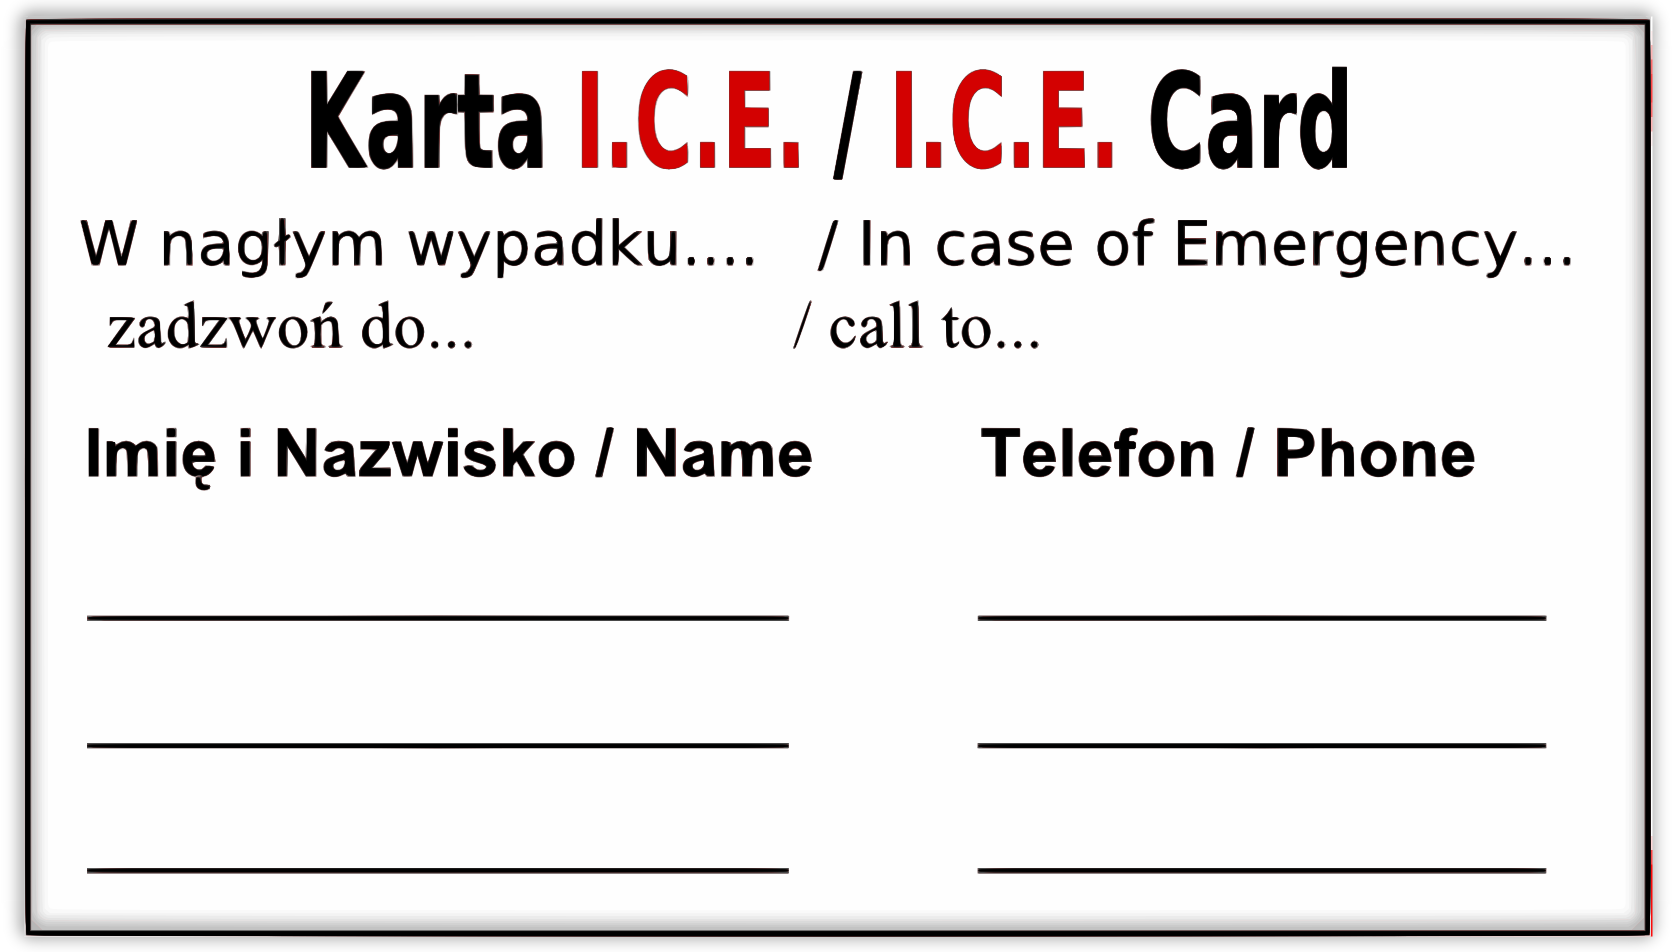 Ice card plc